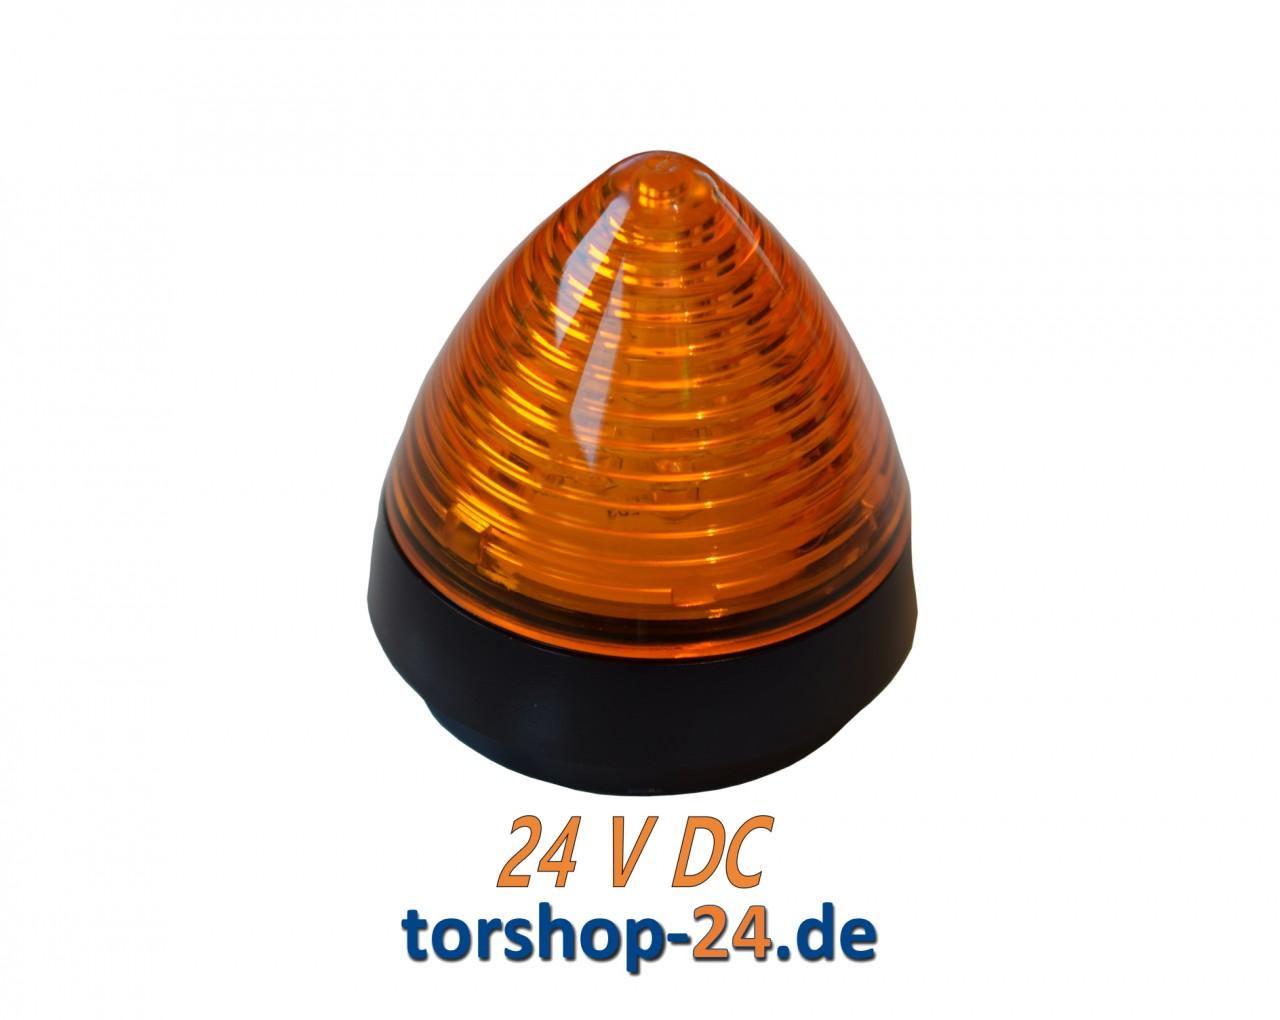 Hörmann LED Signalleuchte SLK 24 V